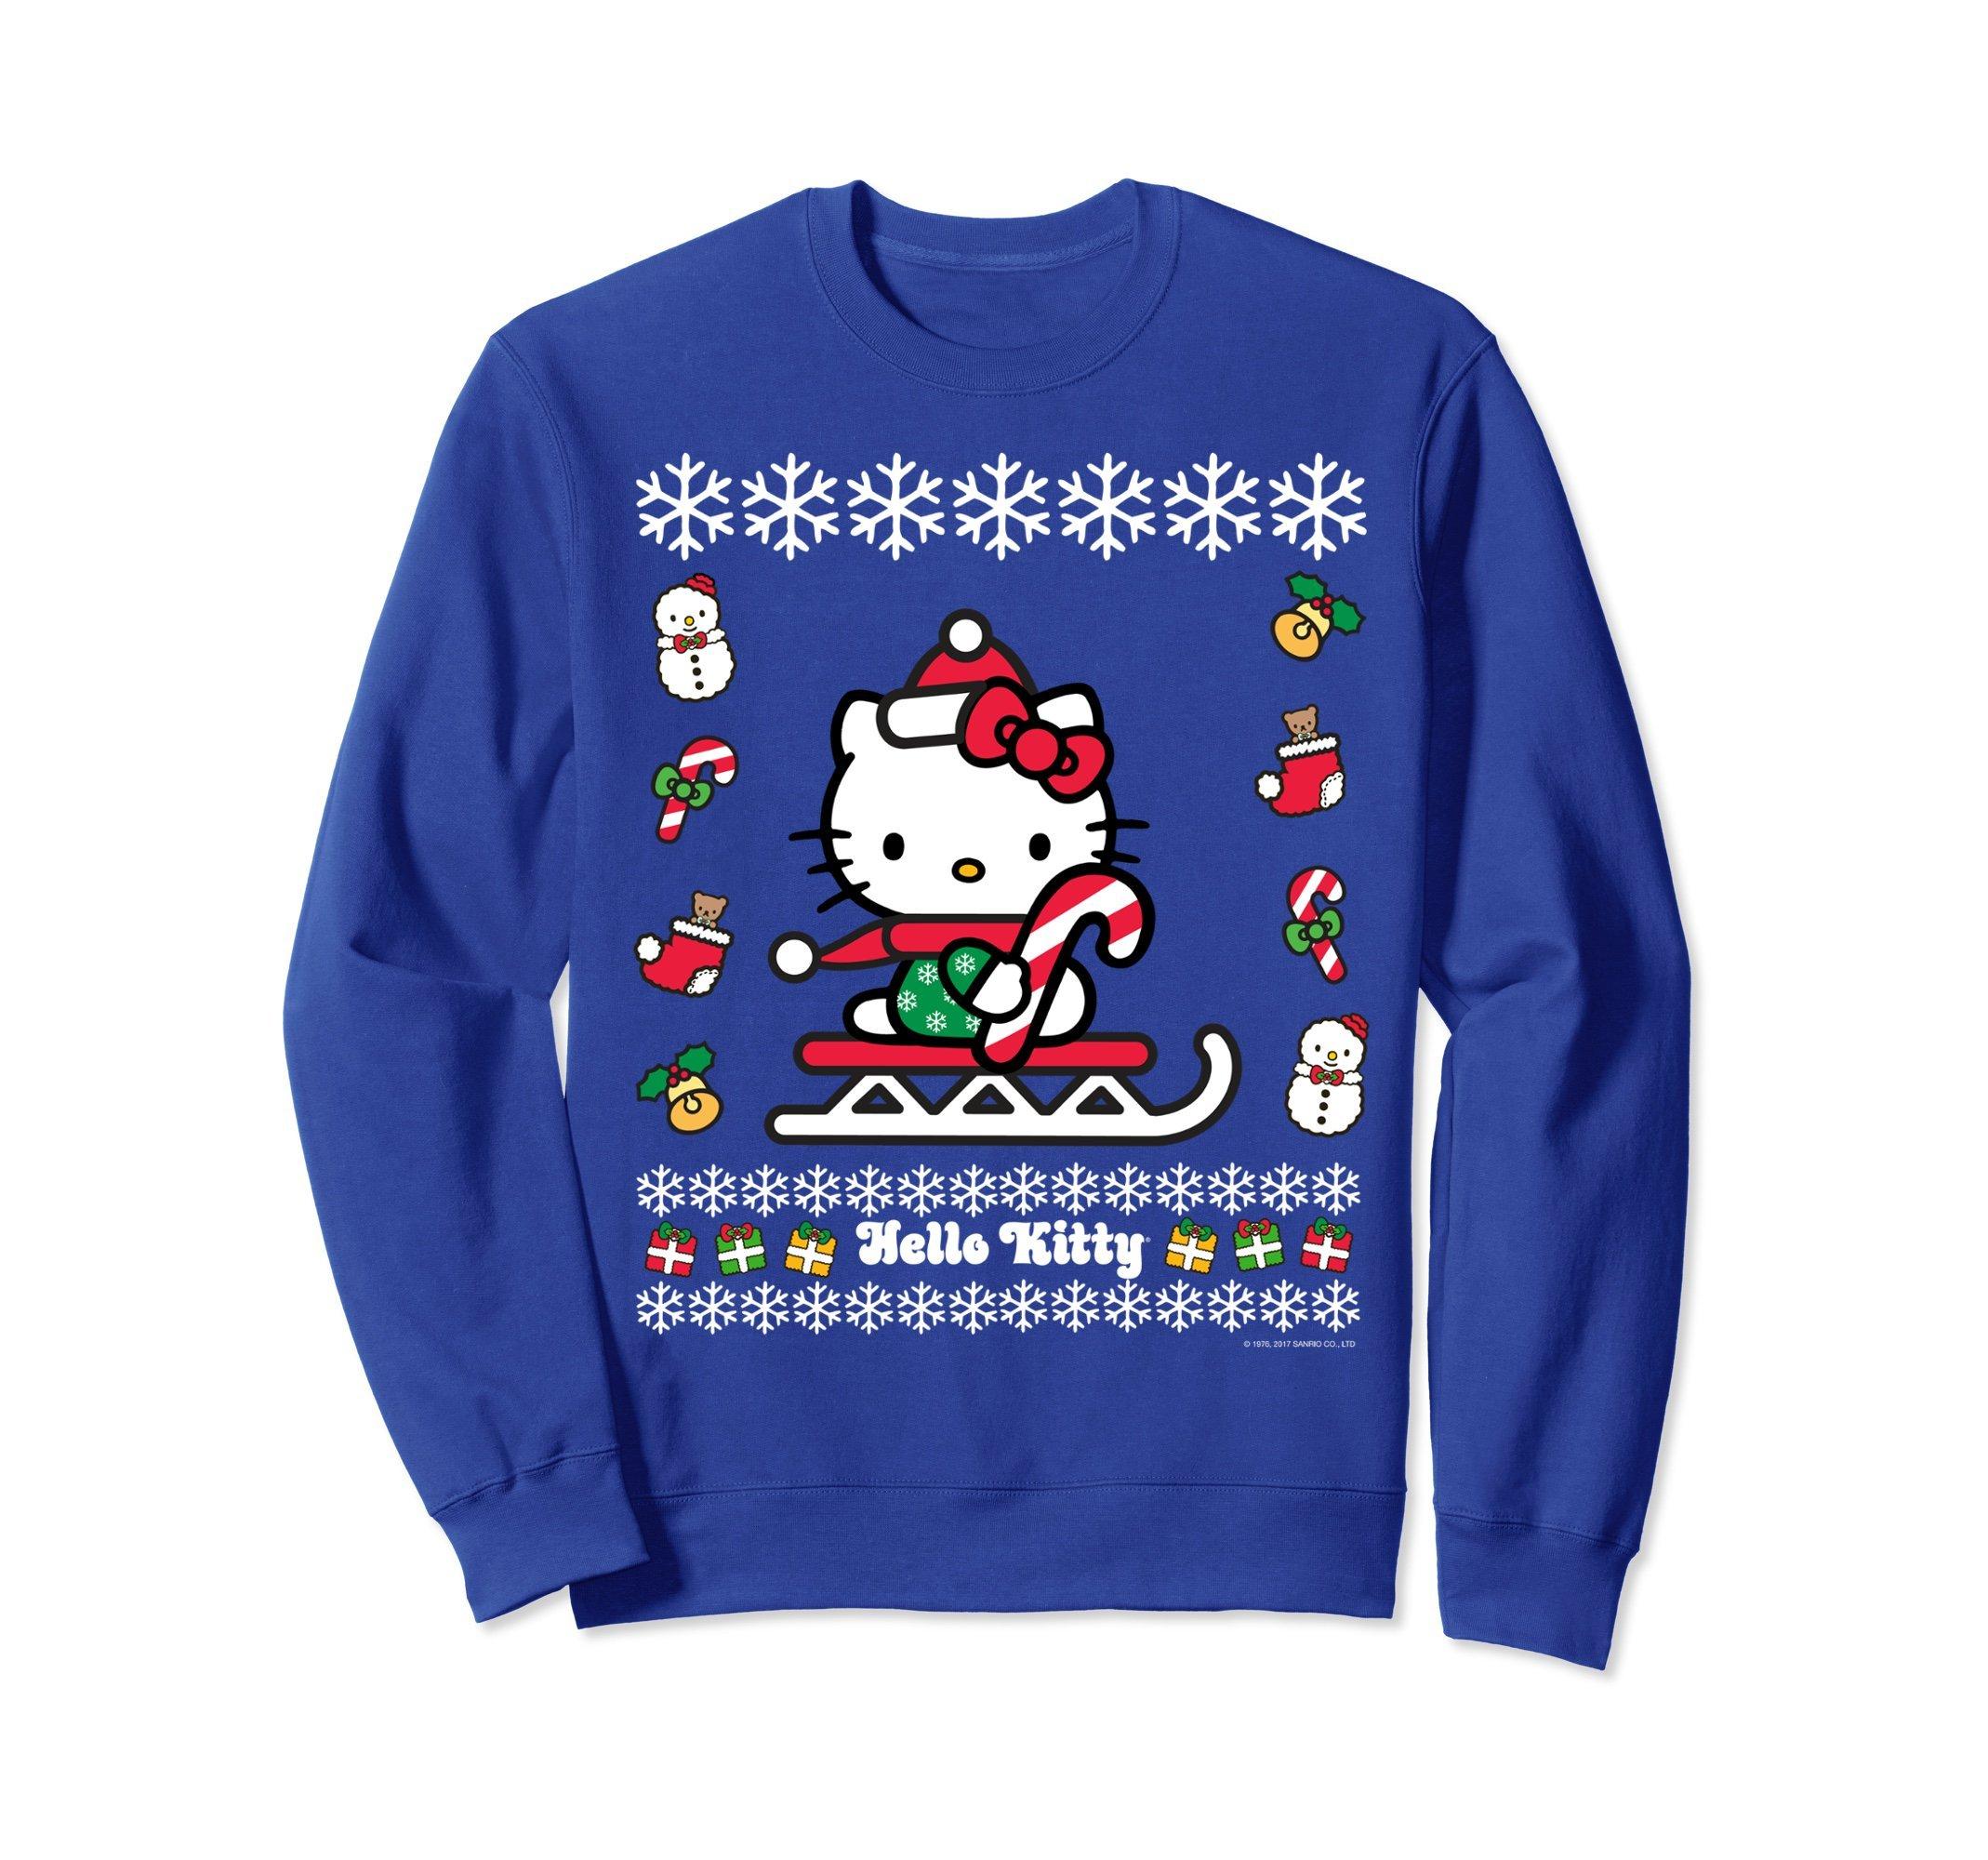 fbf86eb34 Amazon.com: SANRIO: Sweaters